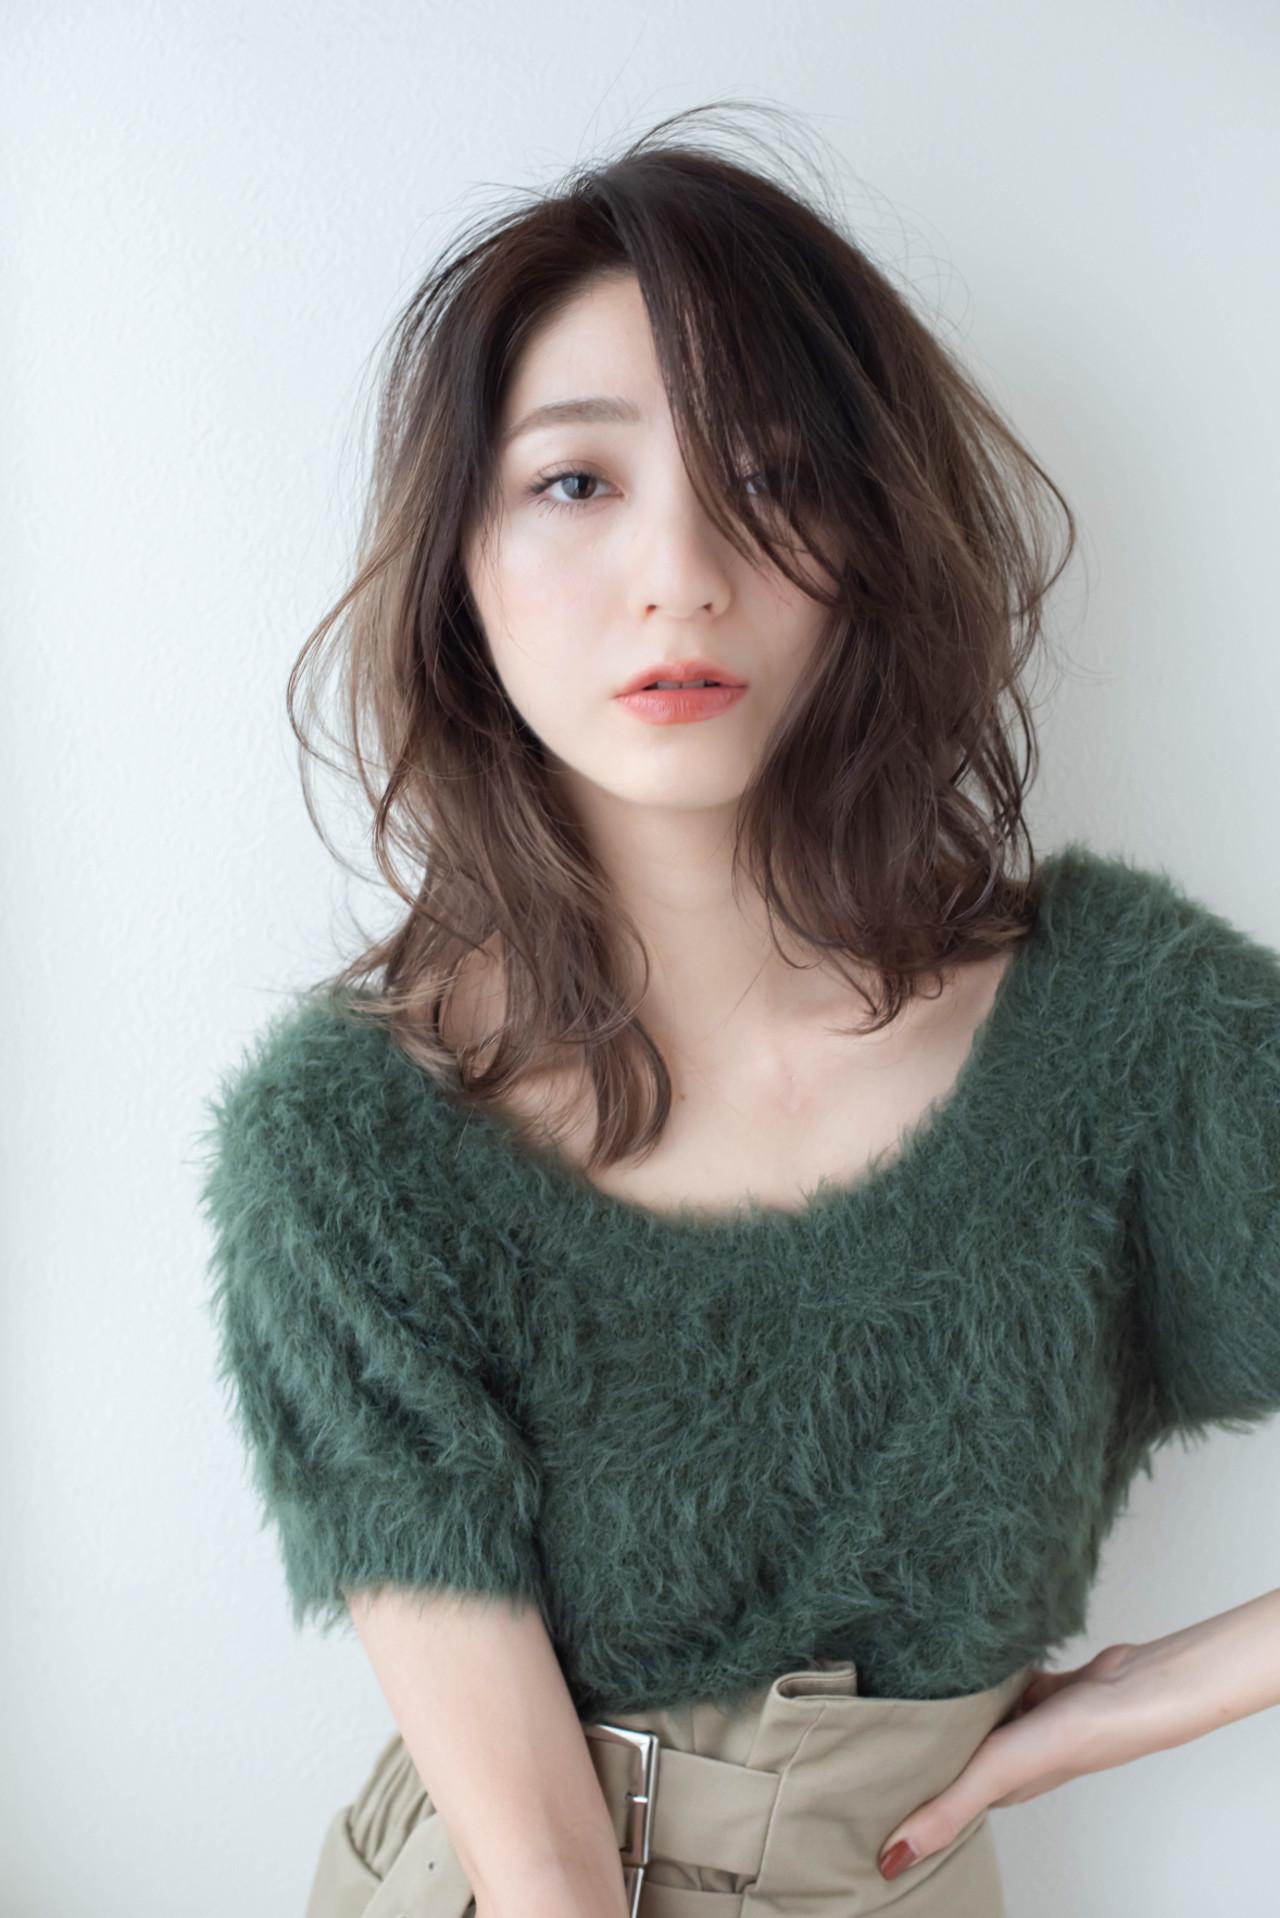 ミディアム コンサバ アッシュ 大人女子 ヘアスタイルや髪型の写真・画像